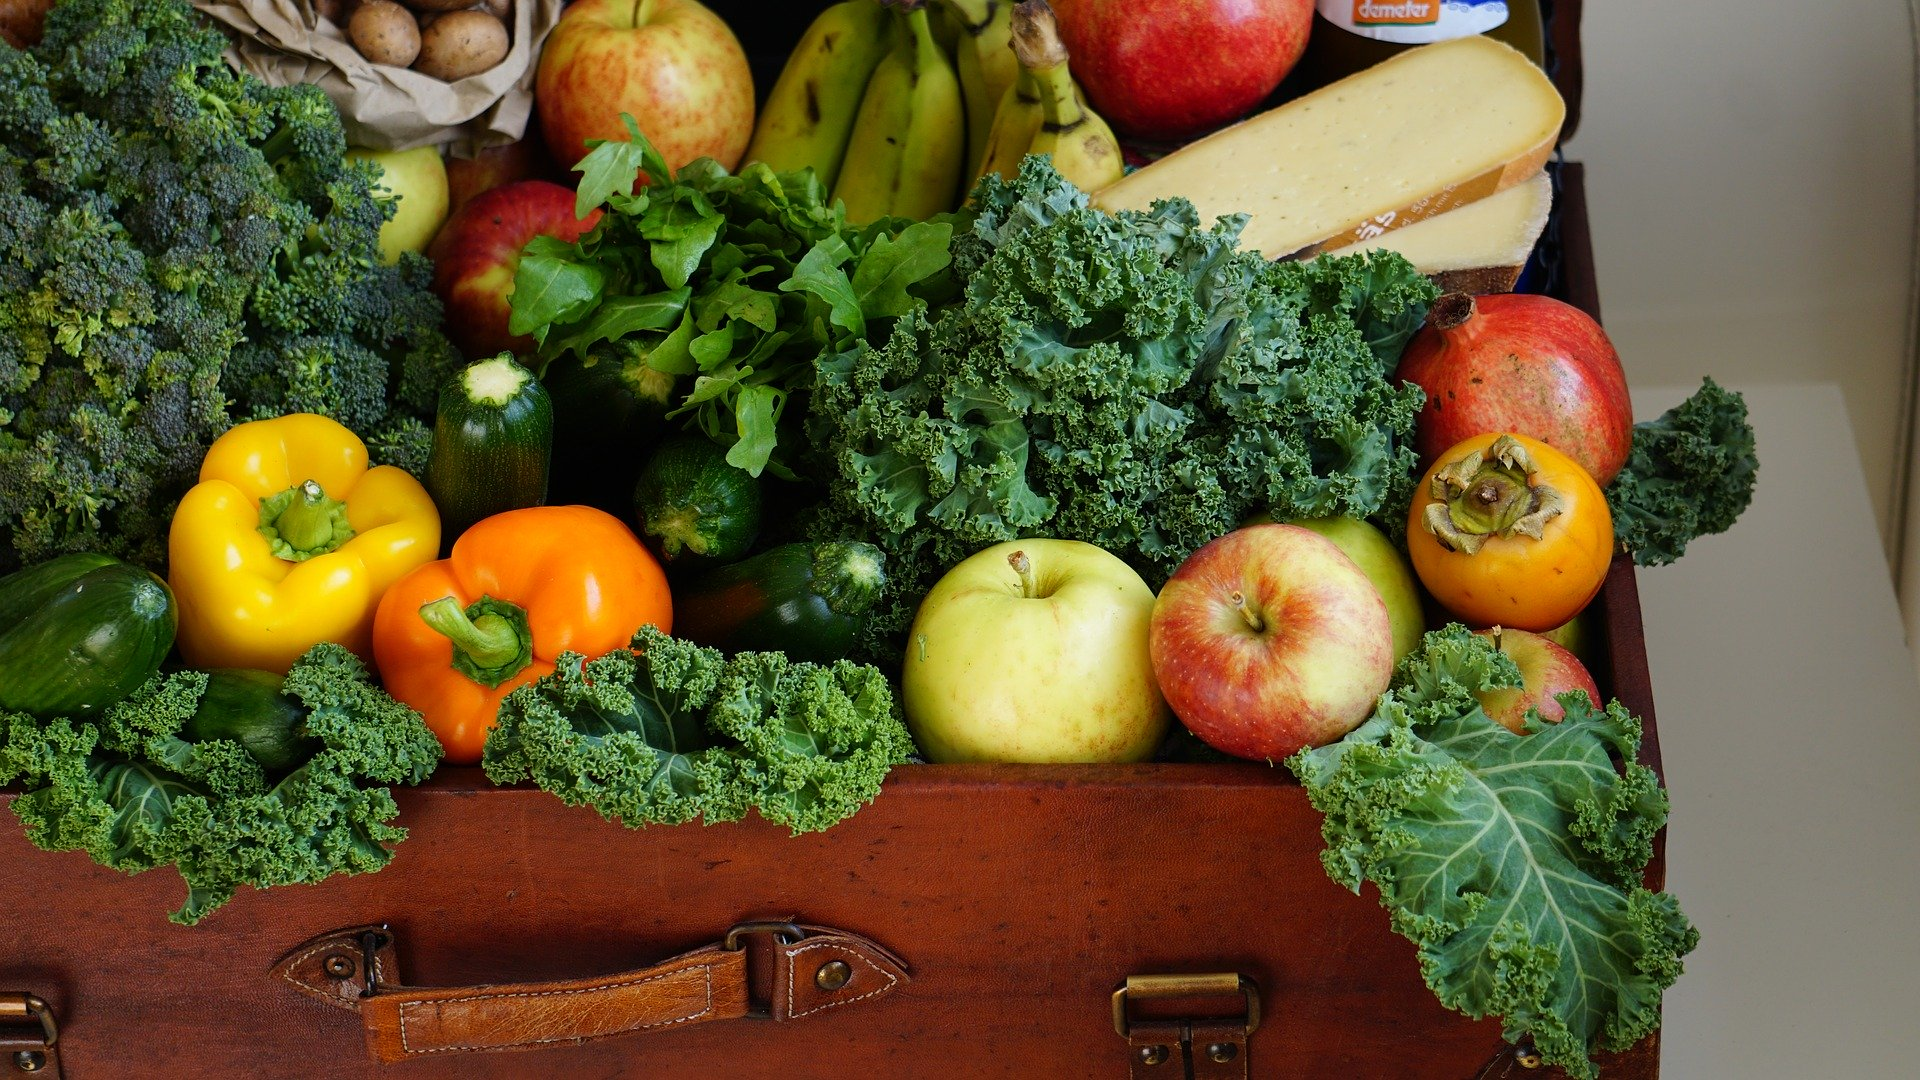 Im Fokus: vegetarische Gerichte auf der Speisekarte fördern